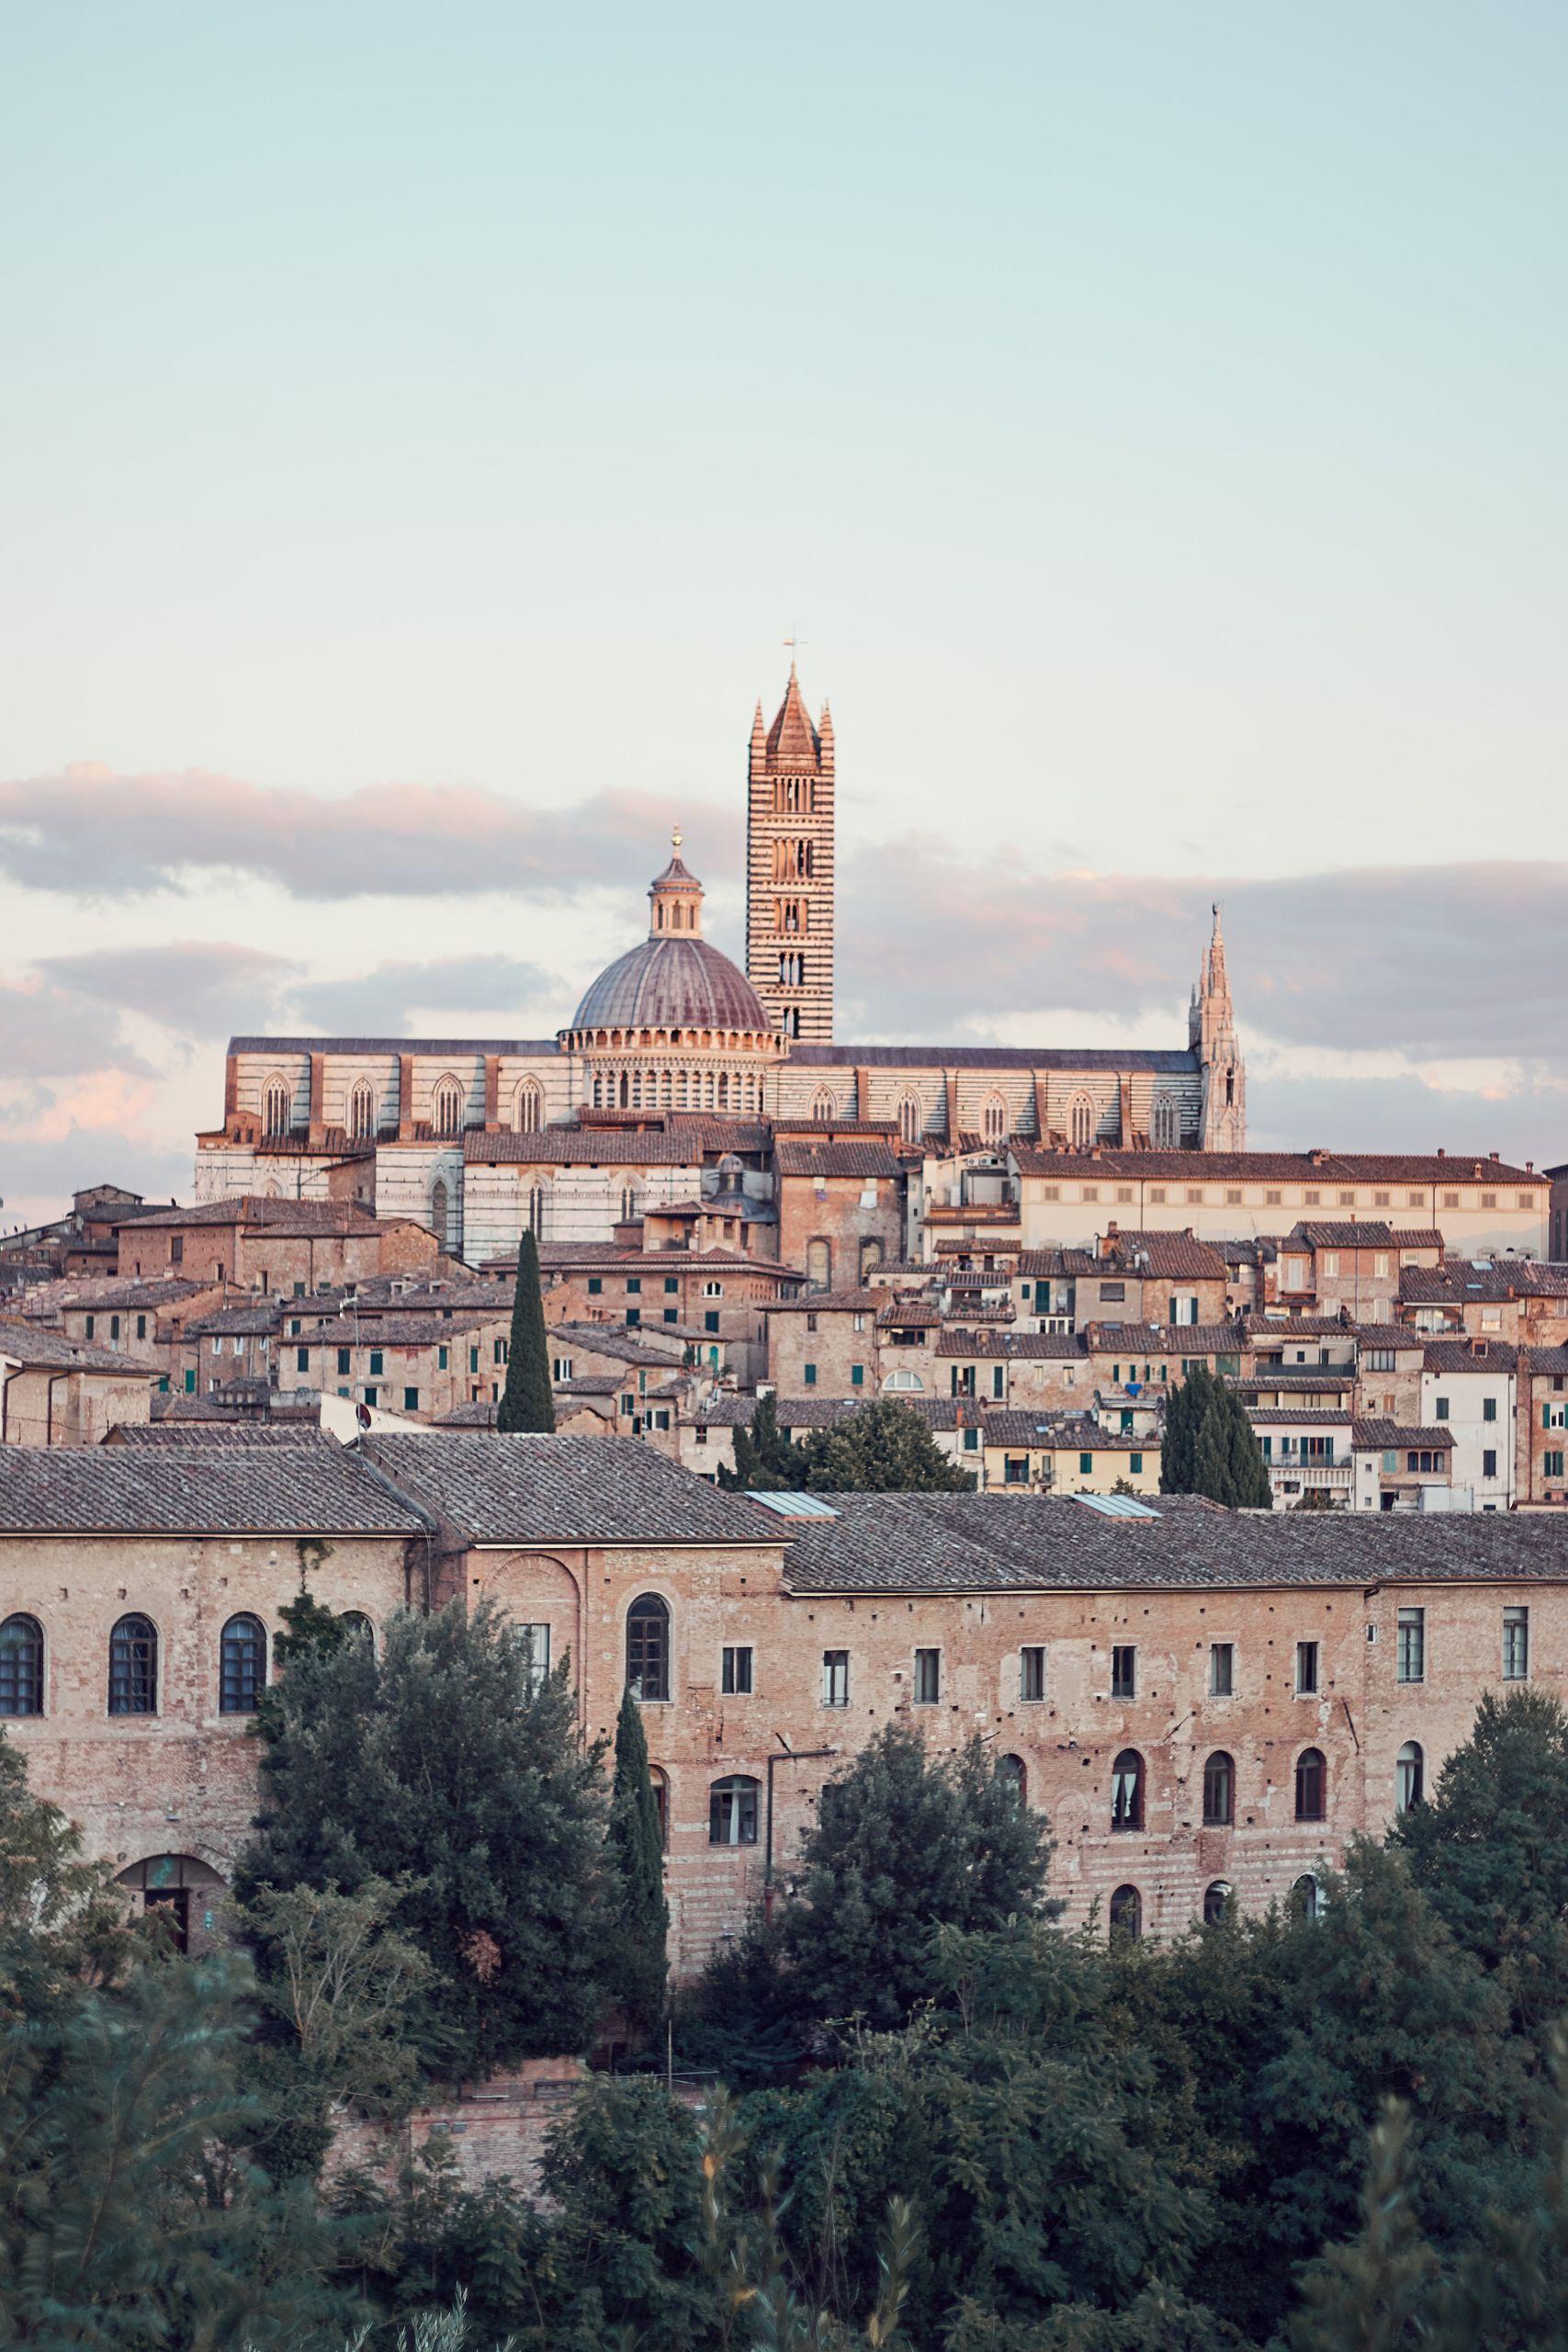 Dom von Siena als Zwischenstopp vom Toskana Roadtrip